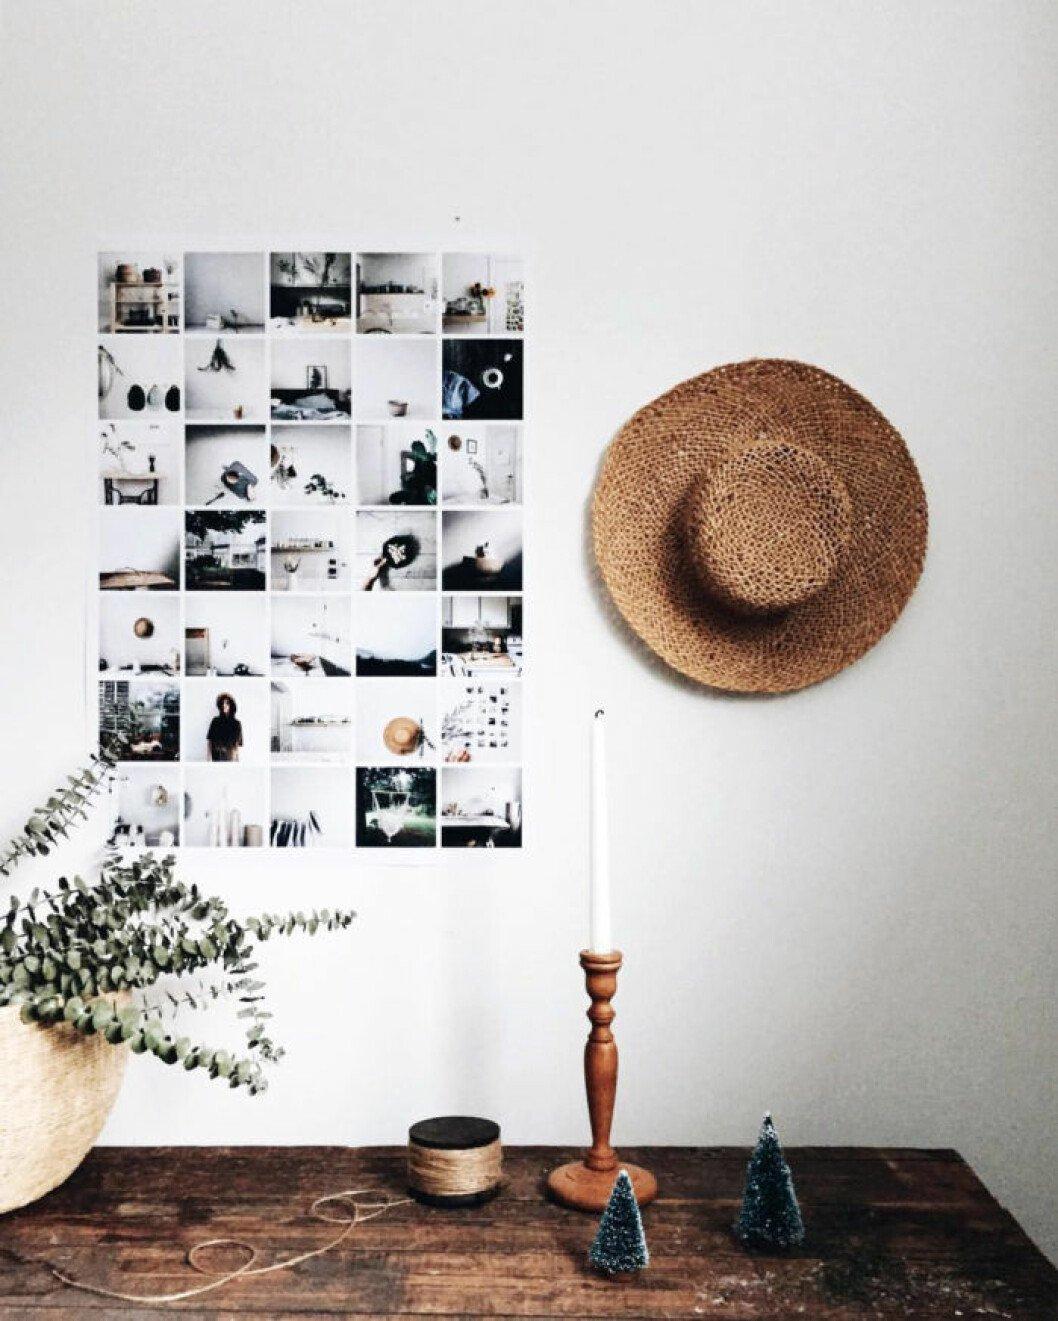 En fotoposter av ett 30-tal kvadratiska fotografier skapar en dekorativ tavla